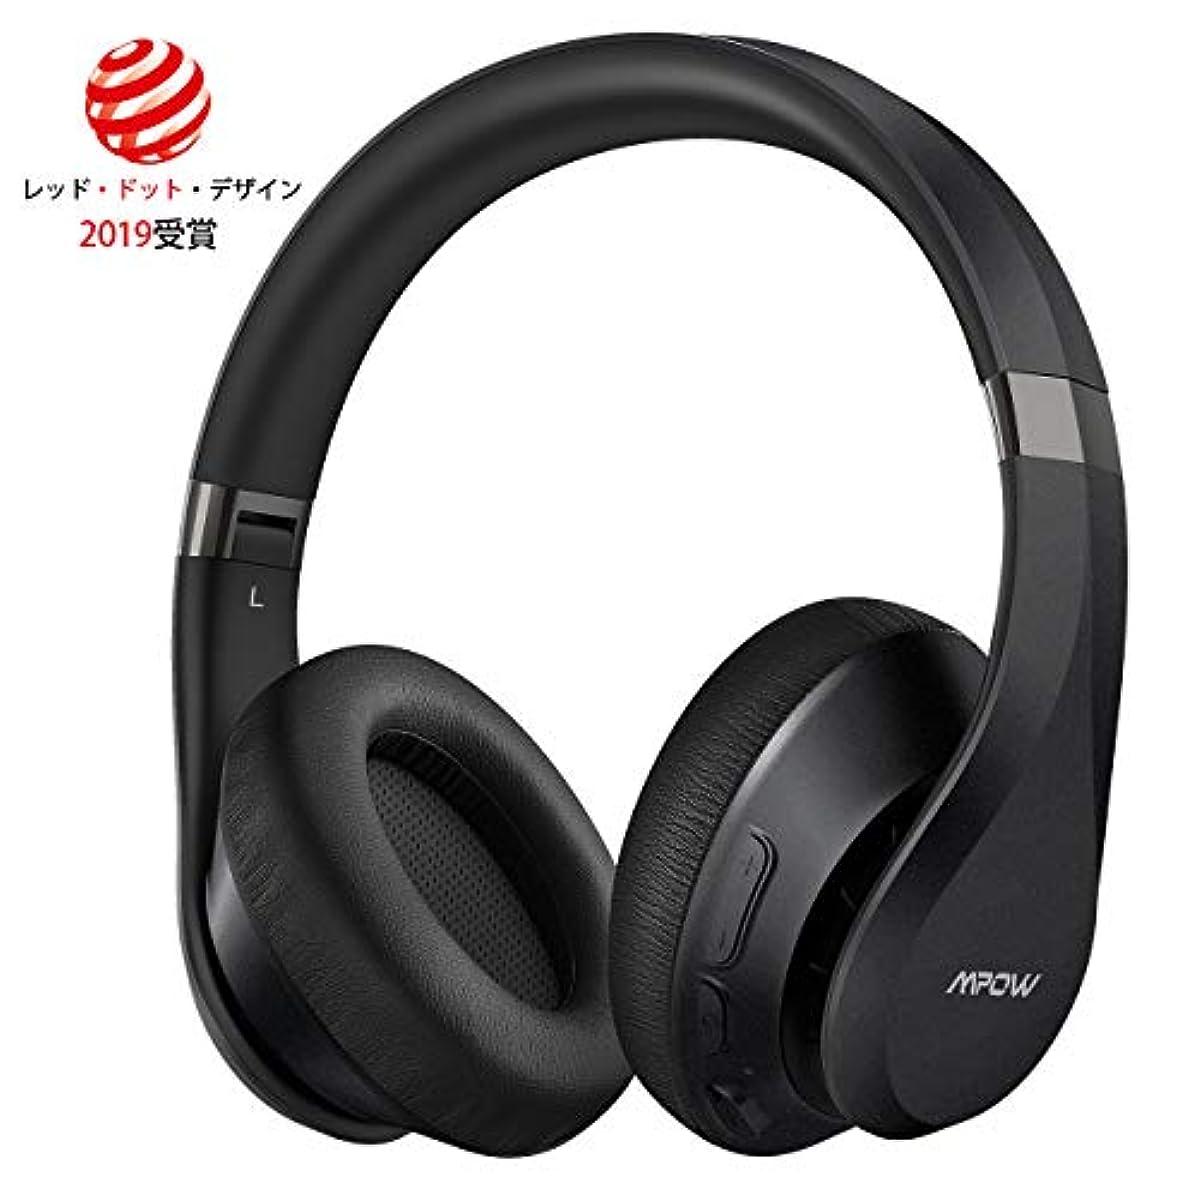 [해외] Mpow H20 헤드폰 Bluetooth 5.0 무선 헤드폰 밀폐형 고음질 [SBC / AAC / aptx / aptx-HD 대응】